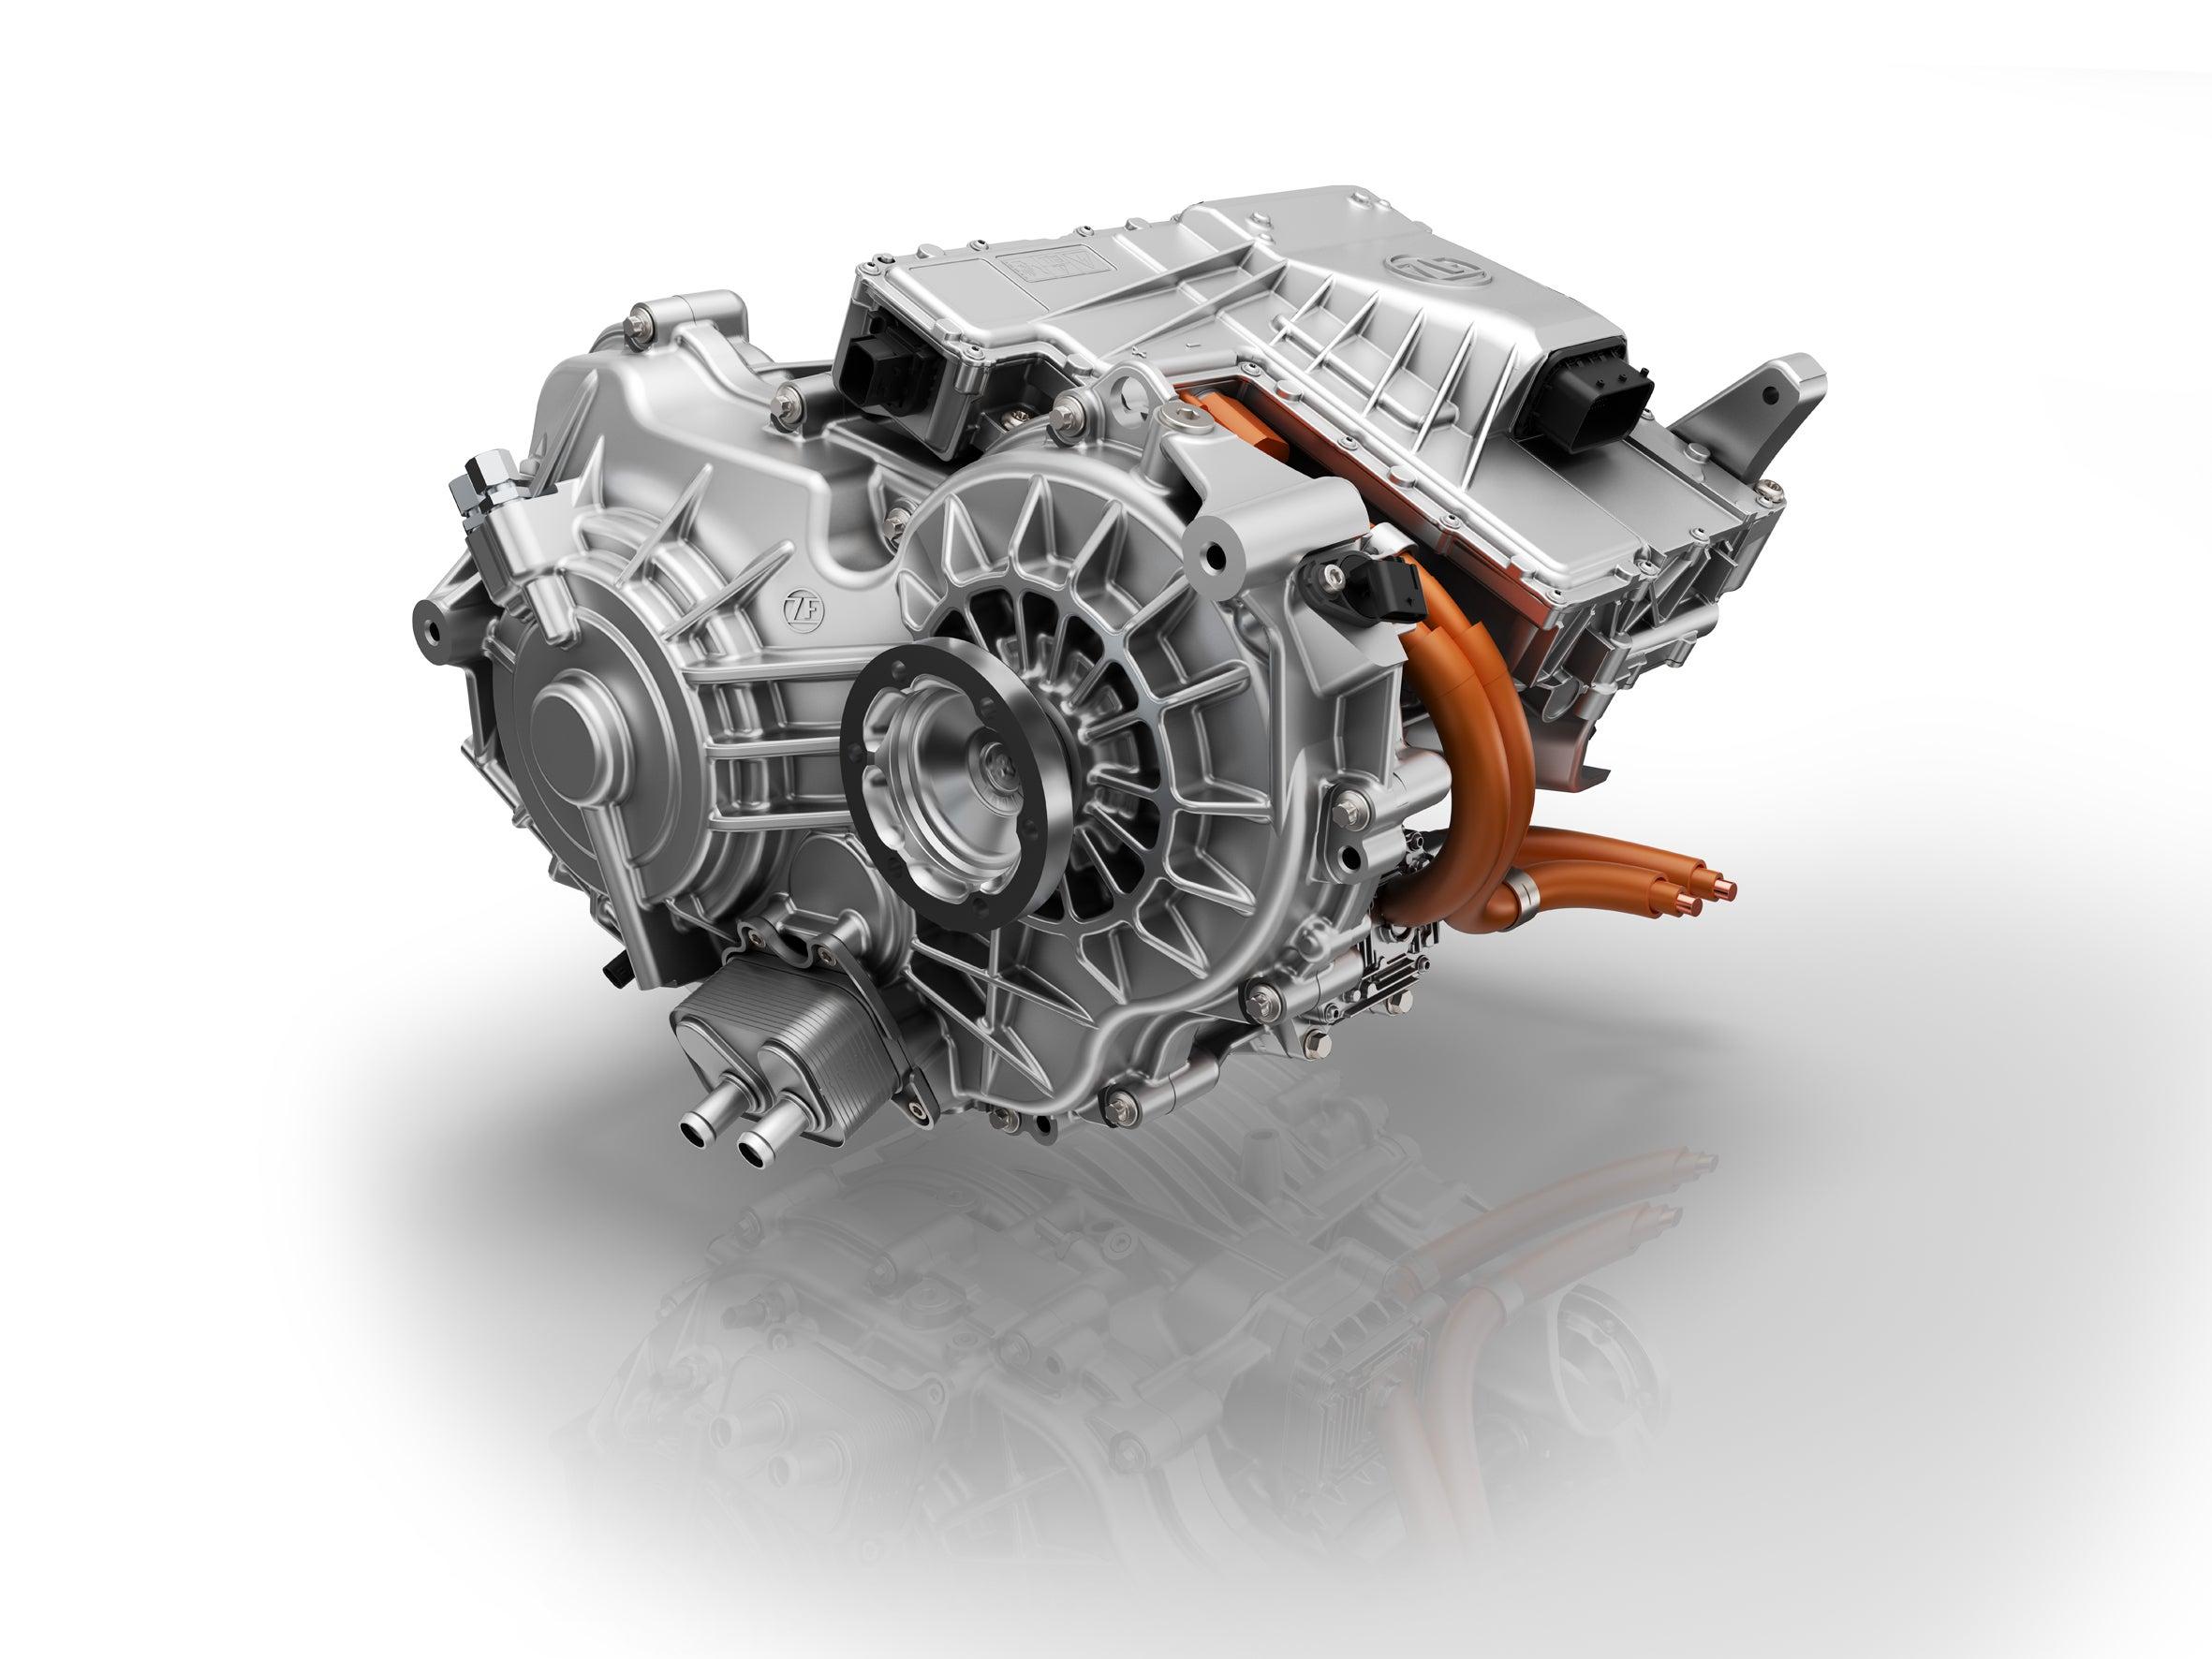 تکنولوژی انقلابی ZF برای رفع مشکل فراگیر گیربکس خودروهای برقی